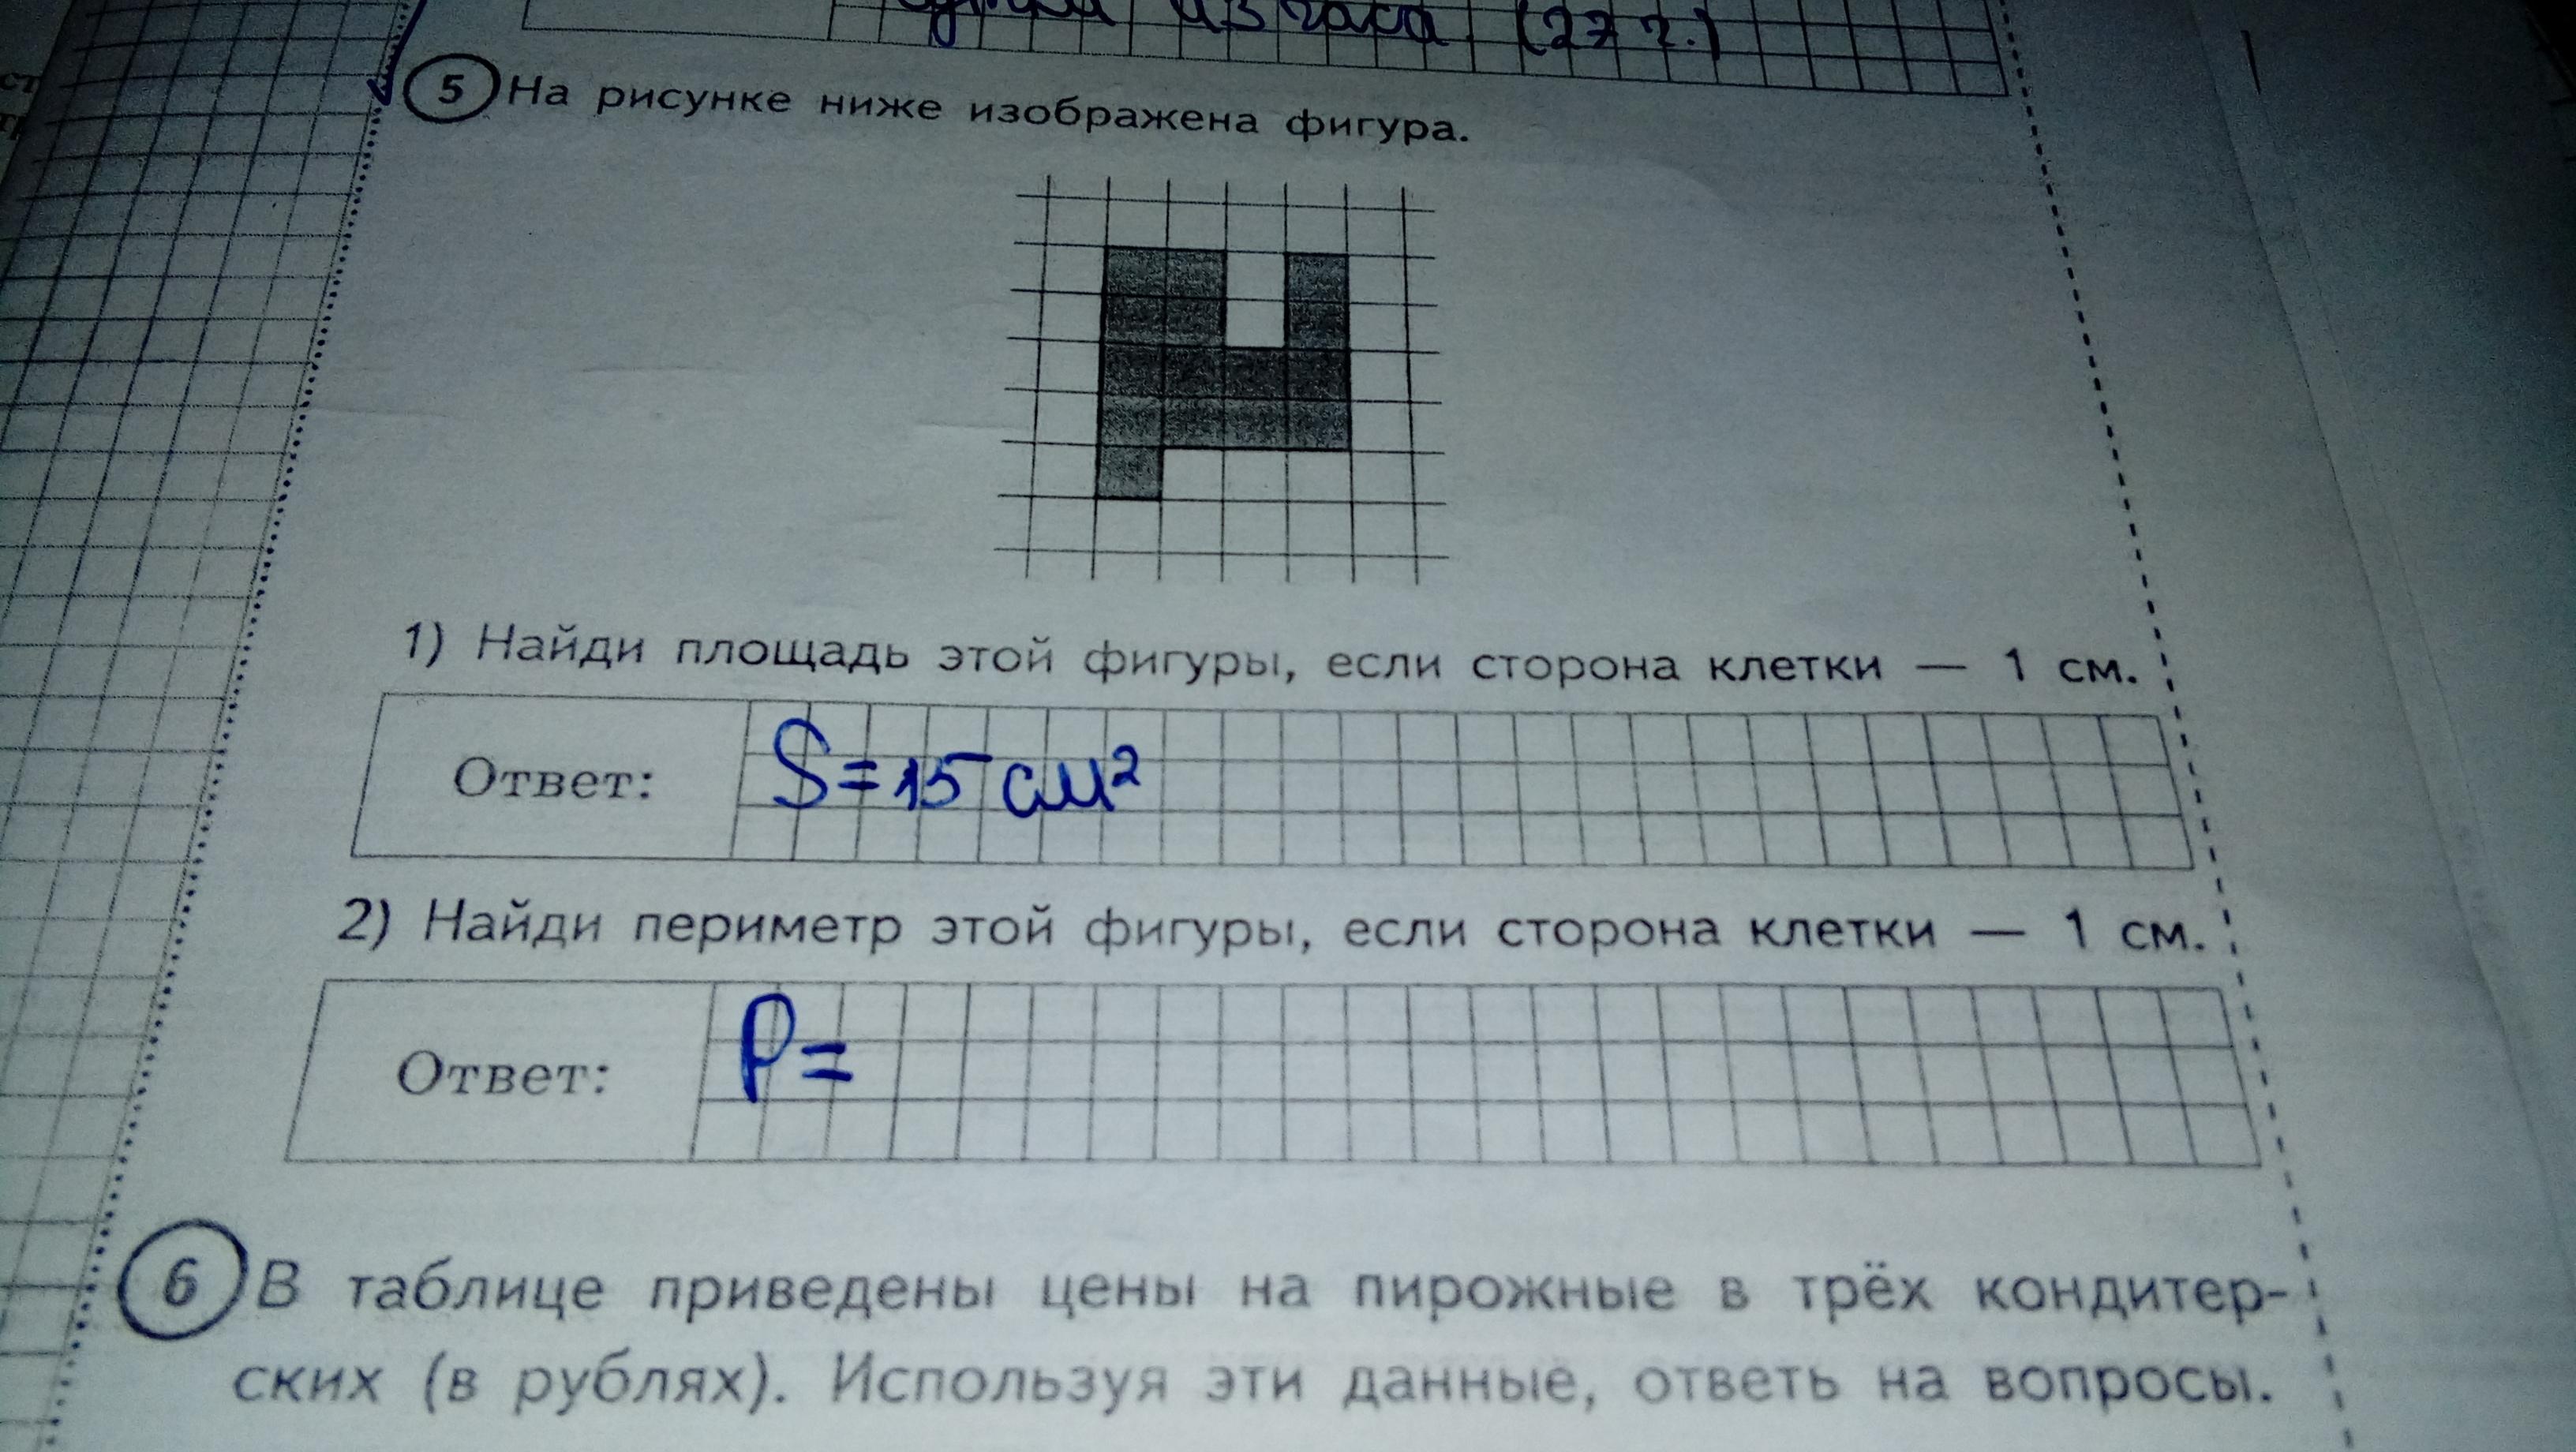 На рисунке изобрежена фигура 1) Найдите S этой фигуры если сторона клетки=1см 2) Найдите P этой фигуры если сторона клетки=1см. Помогите пж S нашел , а P не могу((